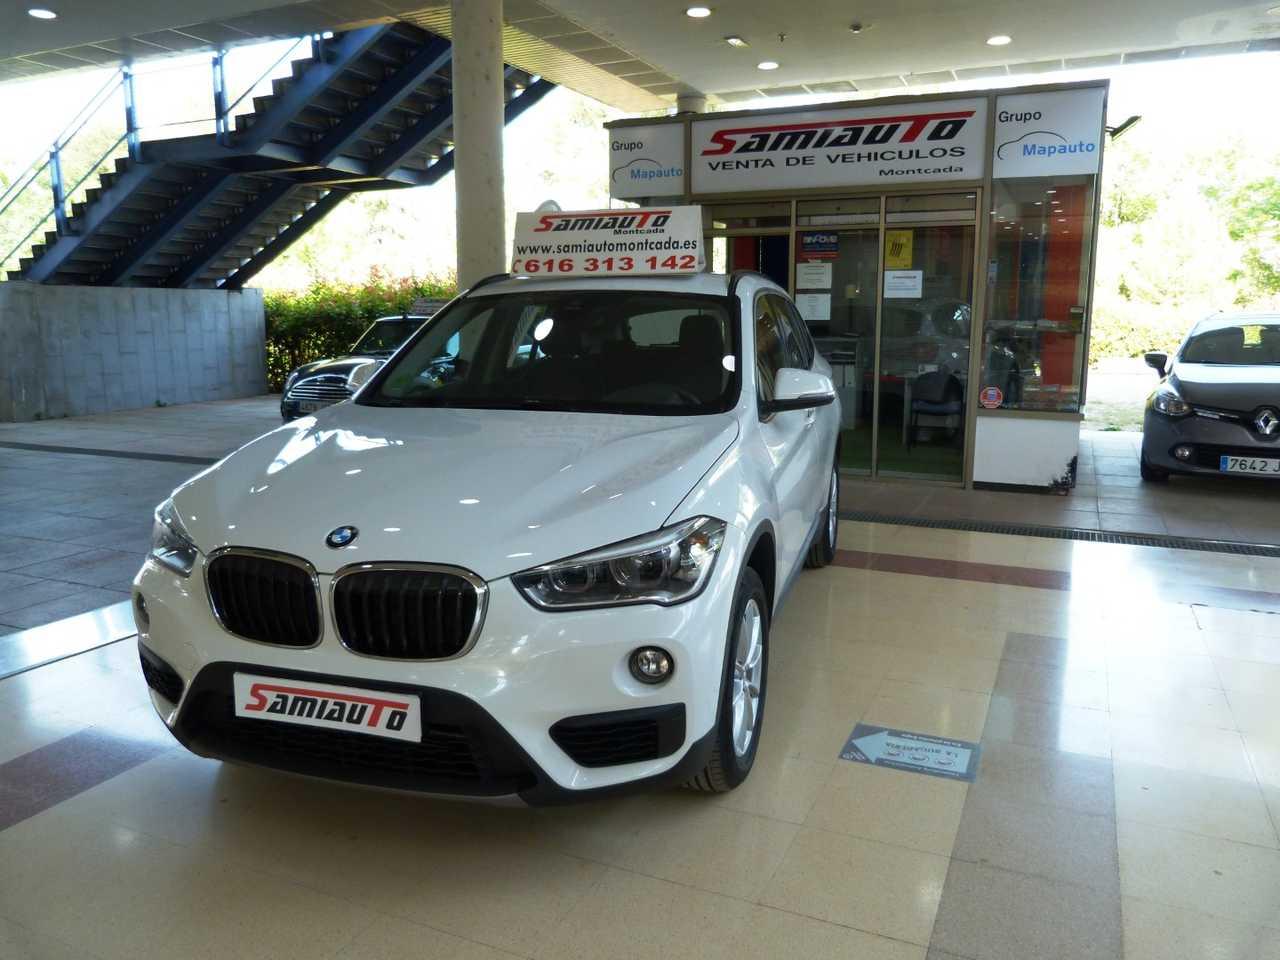 BMW X1 X1 sDrive18d 5p 150cv automático UN SOLO PROPIETARIO LIBRO DE REVISIONES  - Foto 1